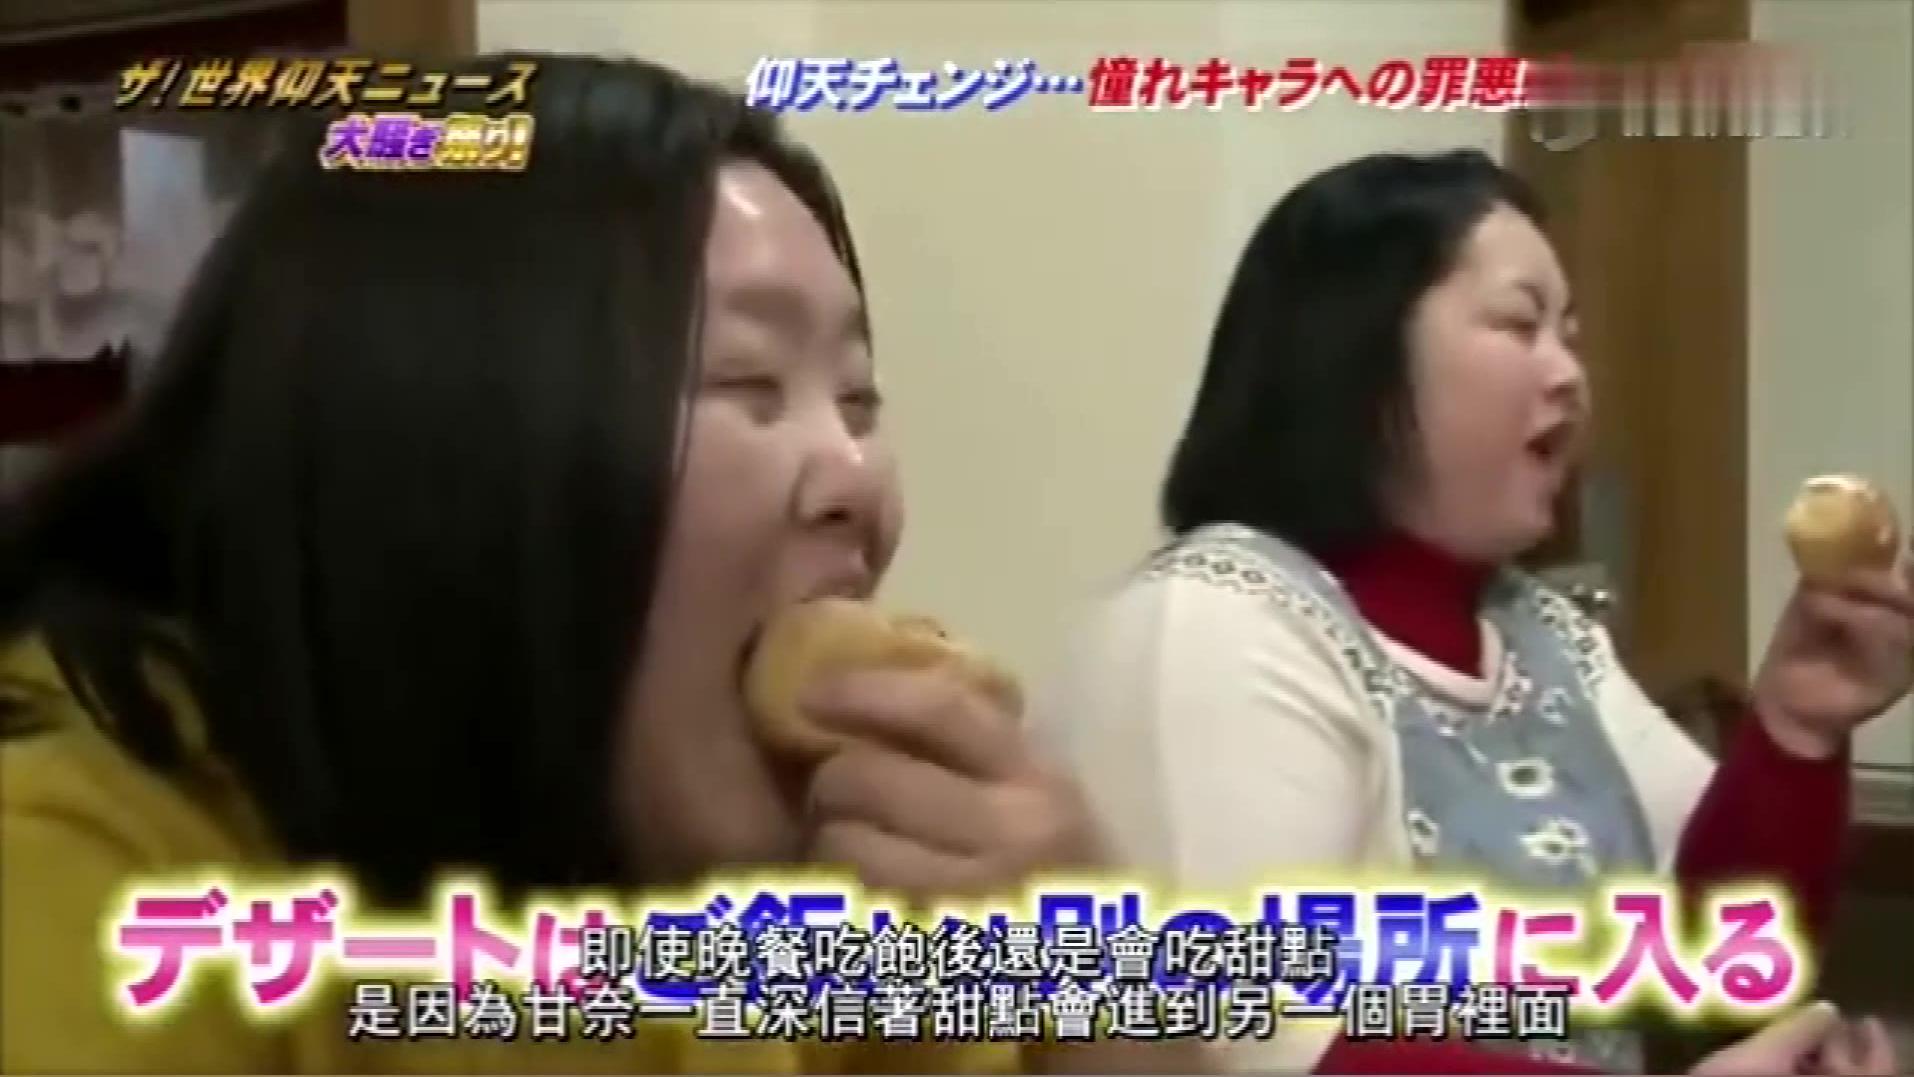 【日本综艺】宅女逆袭,日本少女为动漫角色减肥53公斤,小时候也太可爱了